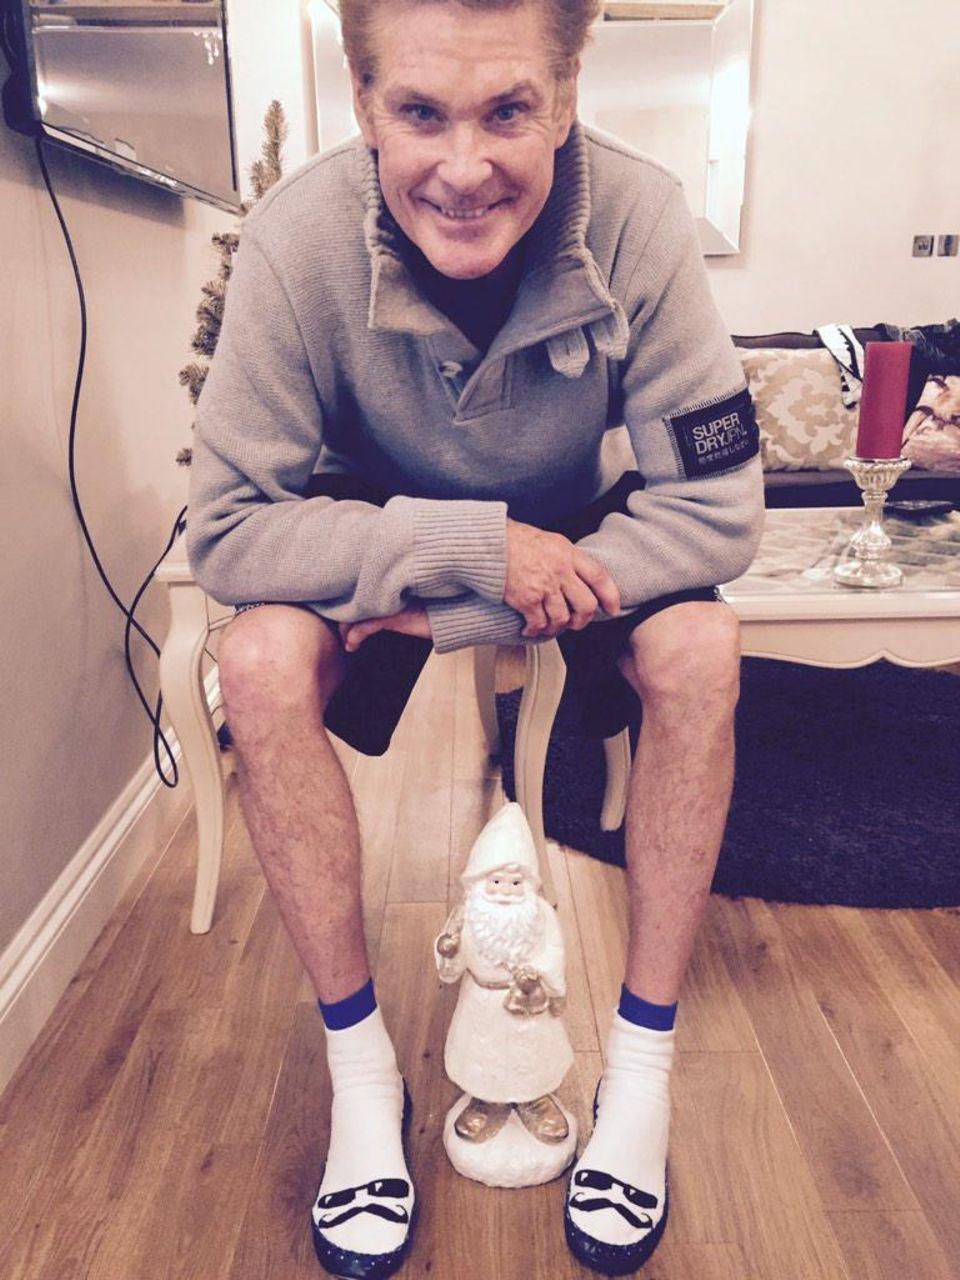 David Hasselhoff freut sich über die Socken die er zu Weihnachten bekommt.